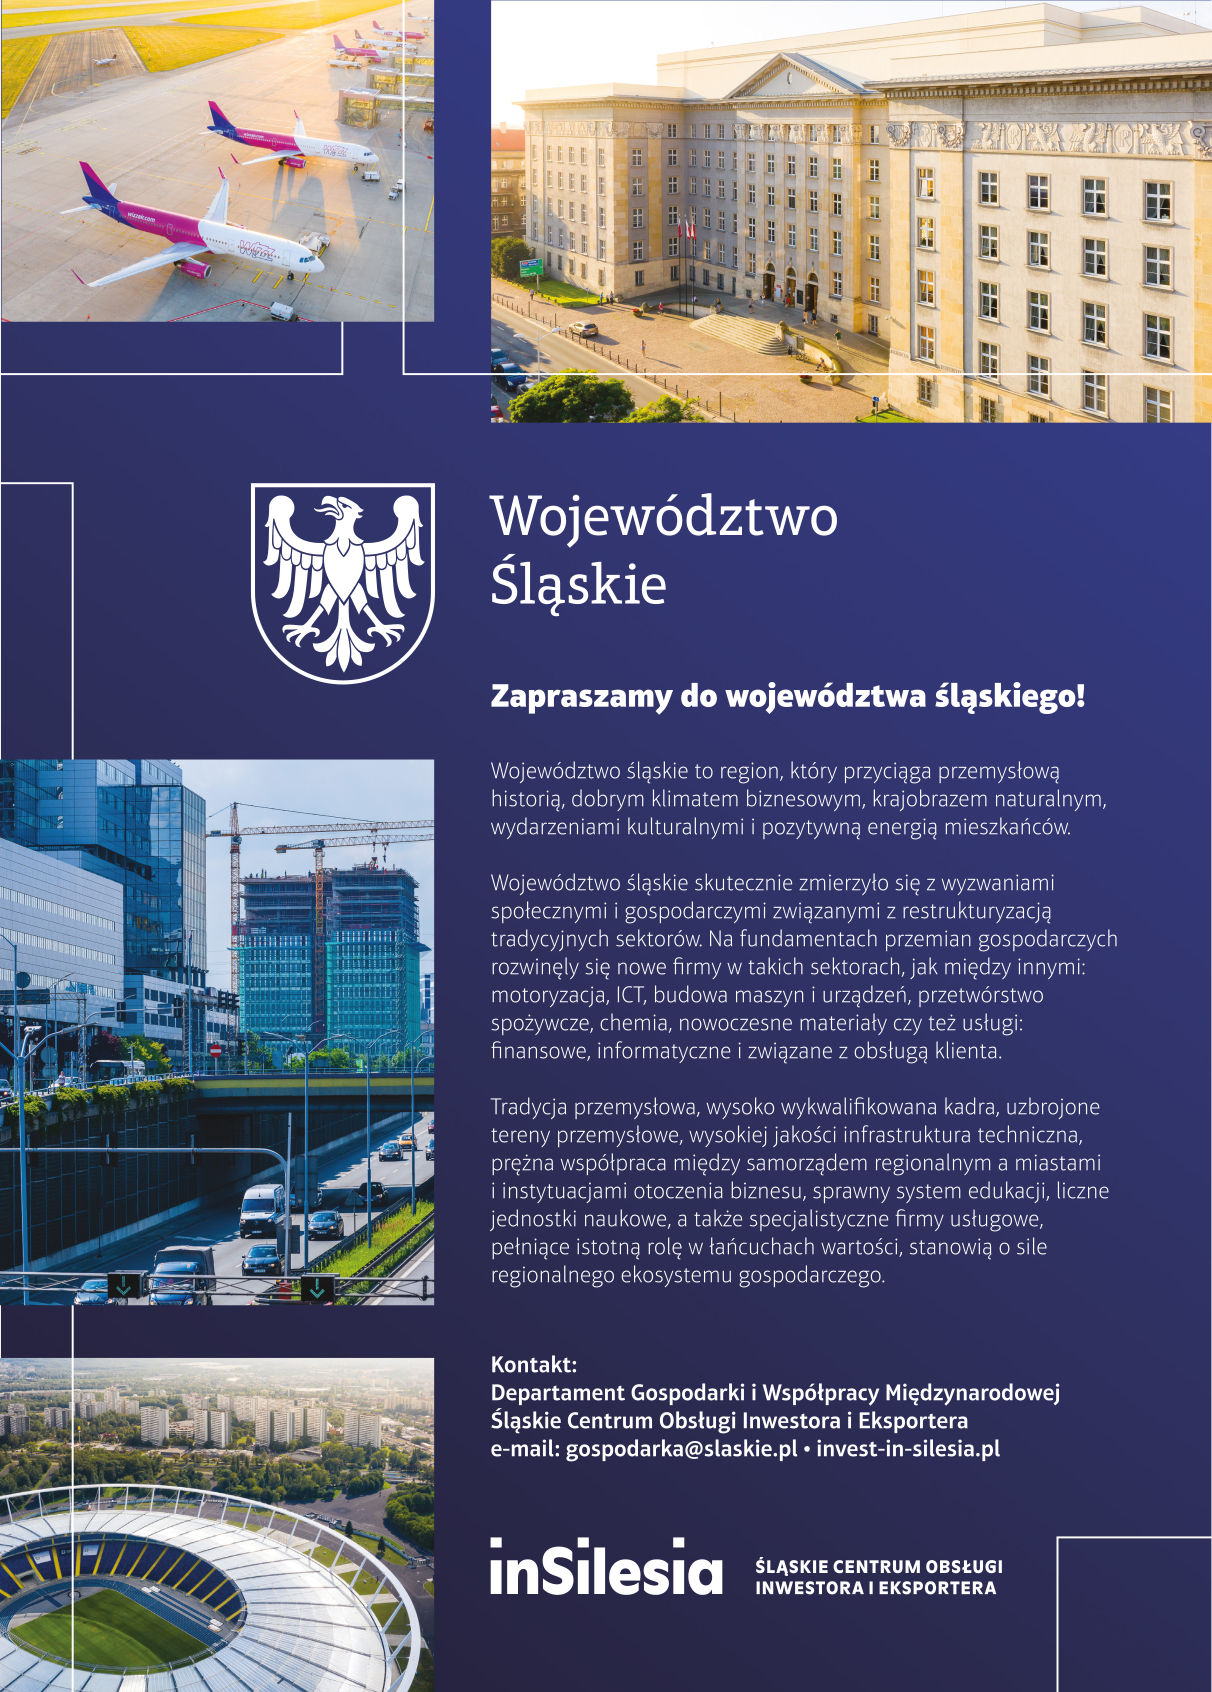 Województwo Śląskie - dobre miejsce dla biznesu.